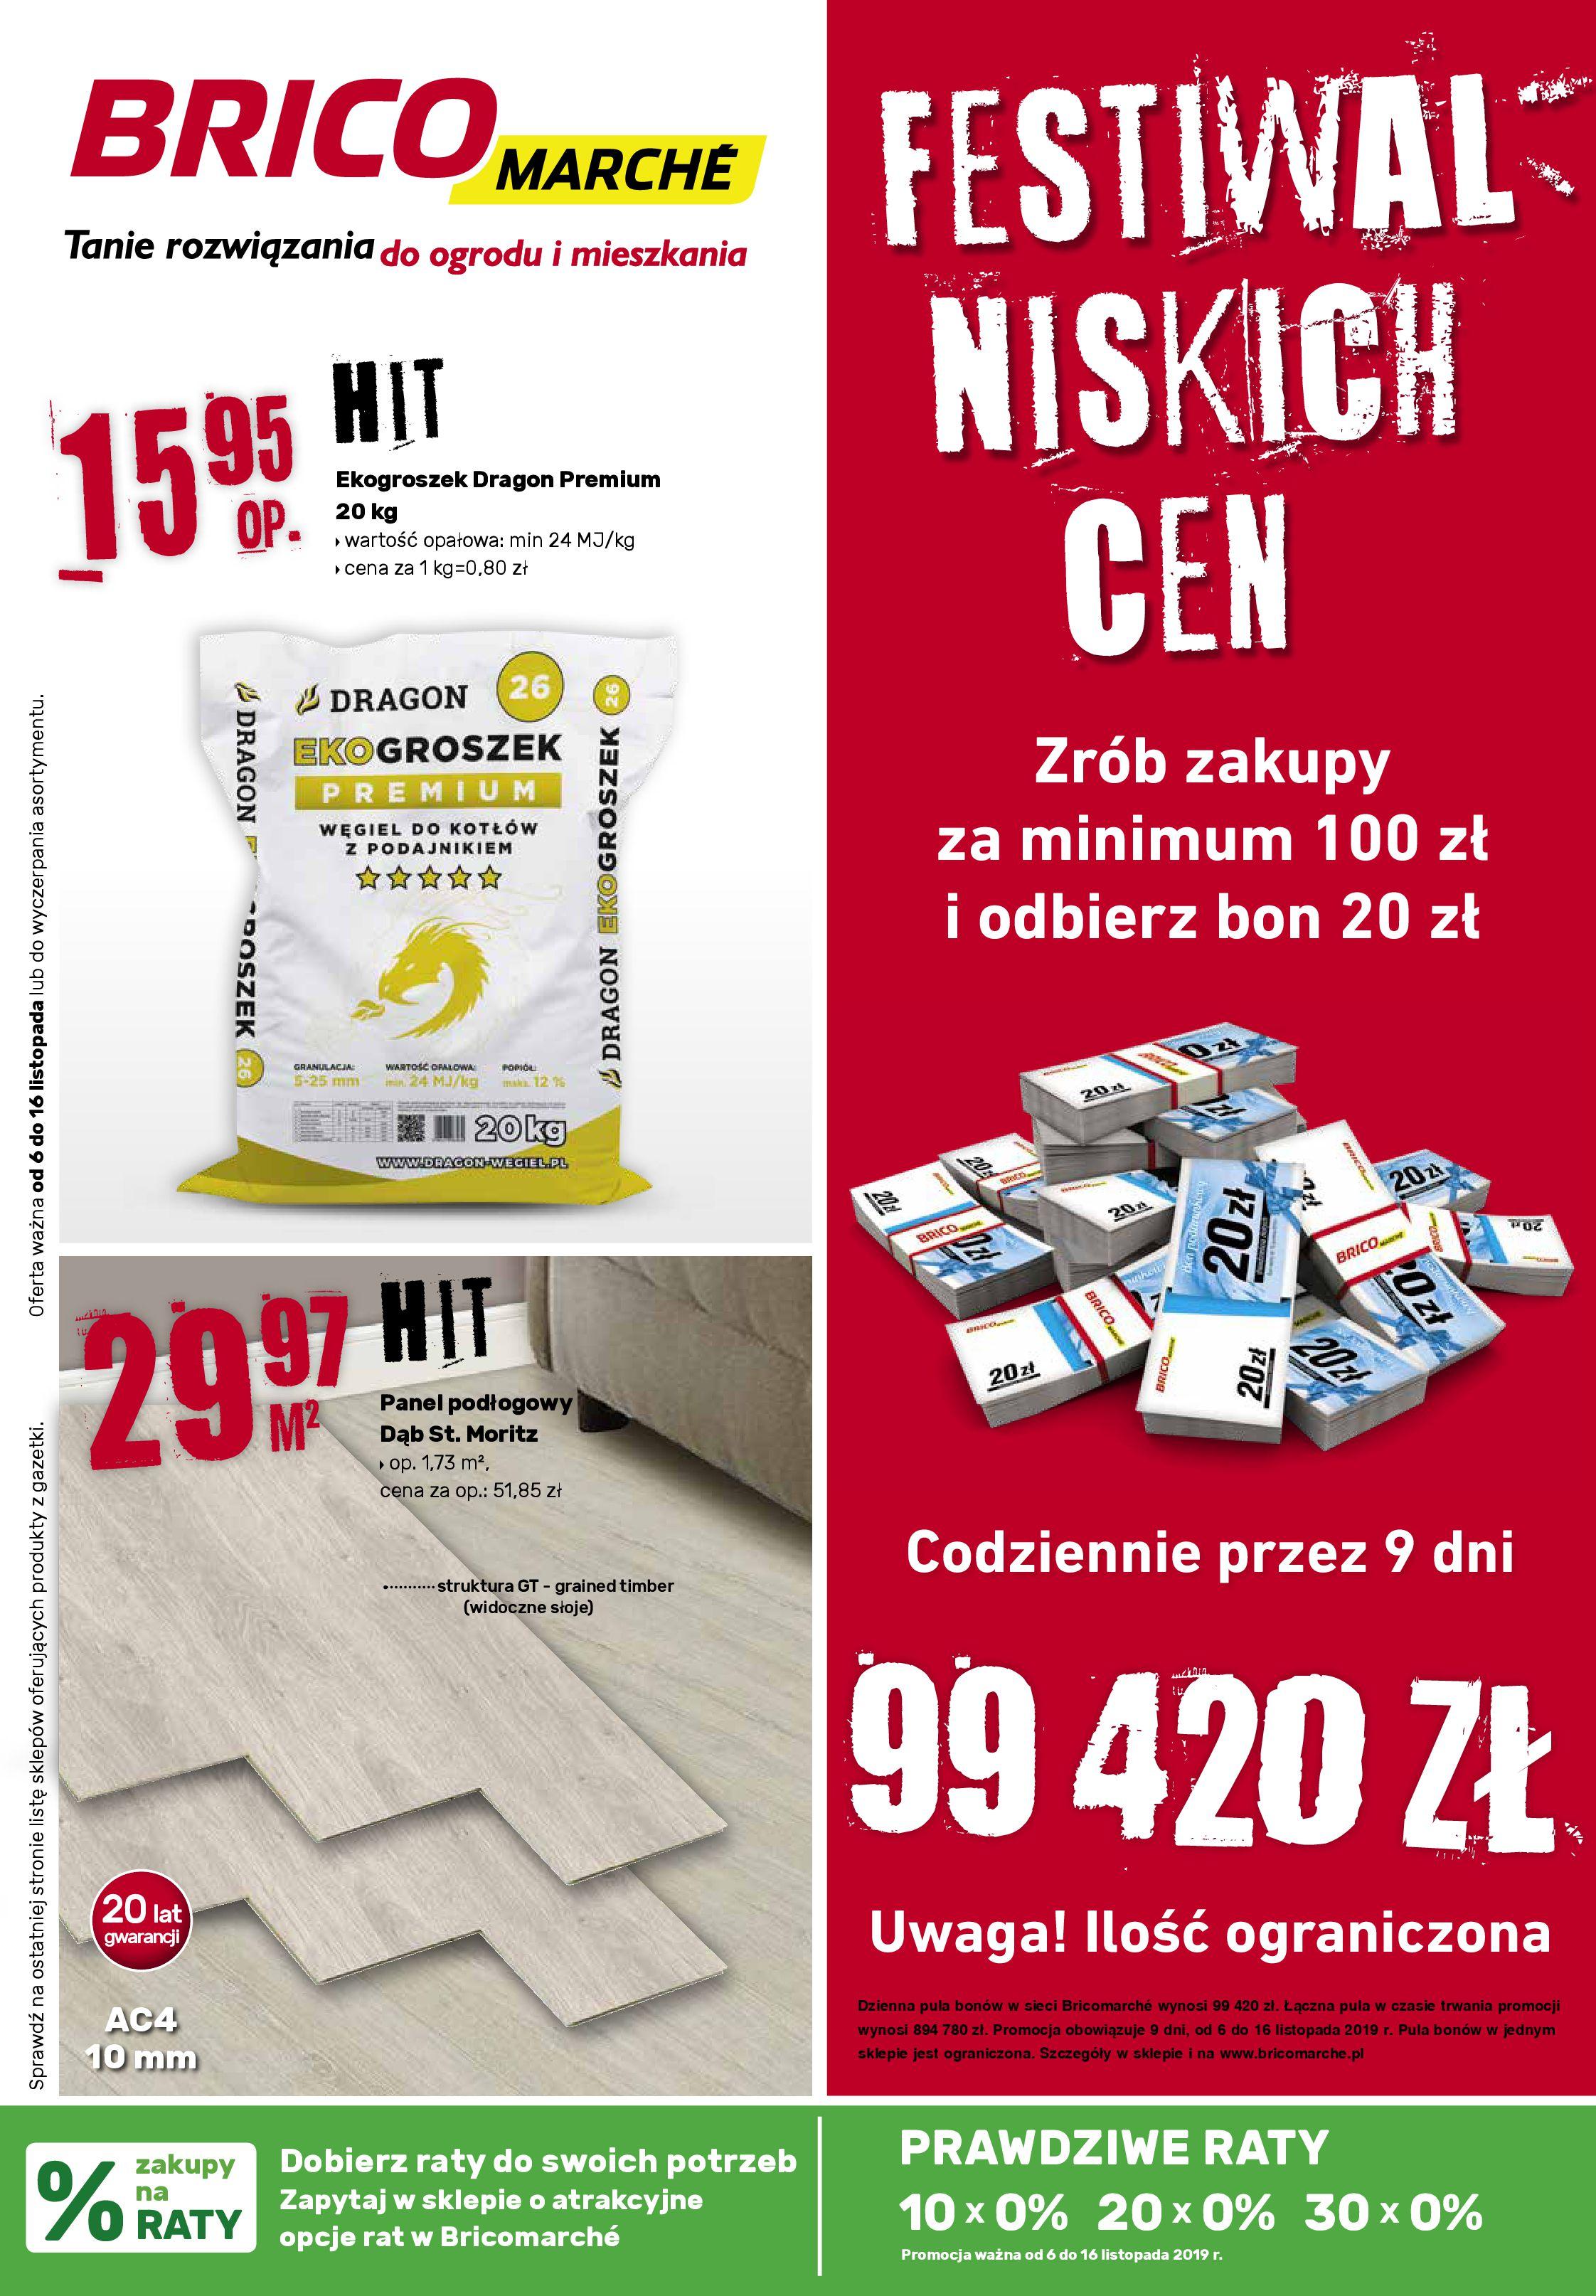 Gazetka Bricomarché - Tanie rozwiązanie do ogrodu i mieszkania-05.11.2019-16.11.2019-page-1